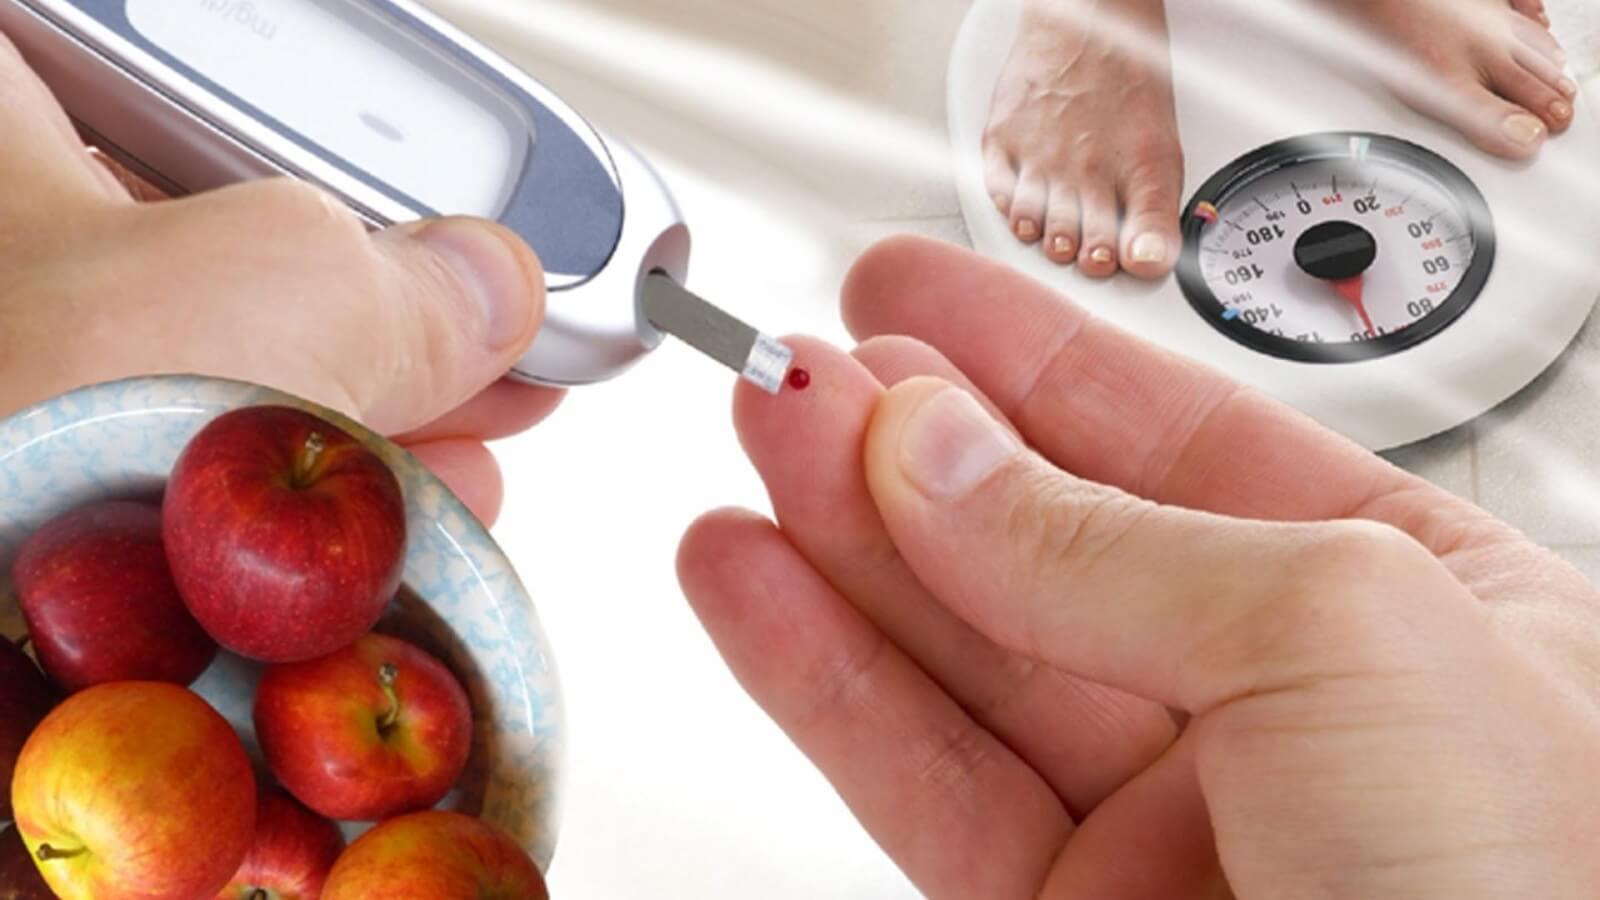 Из-за чего возникает сахарный диабет, механизм развития патологии